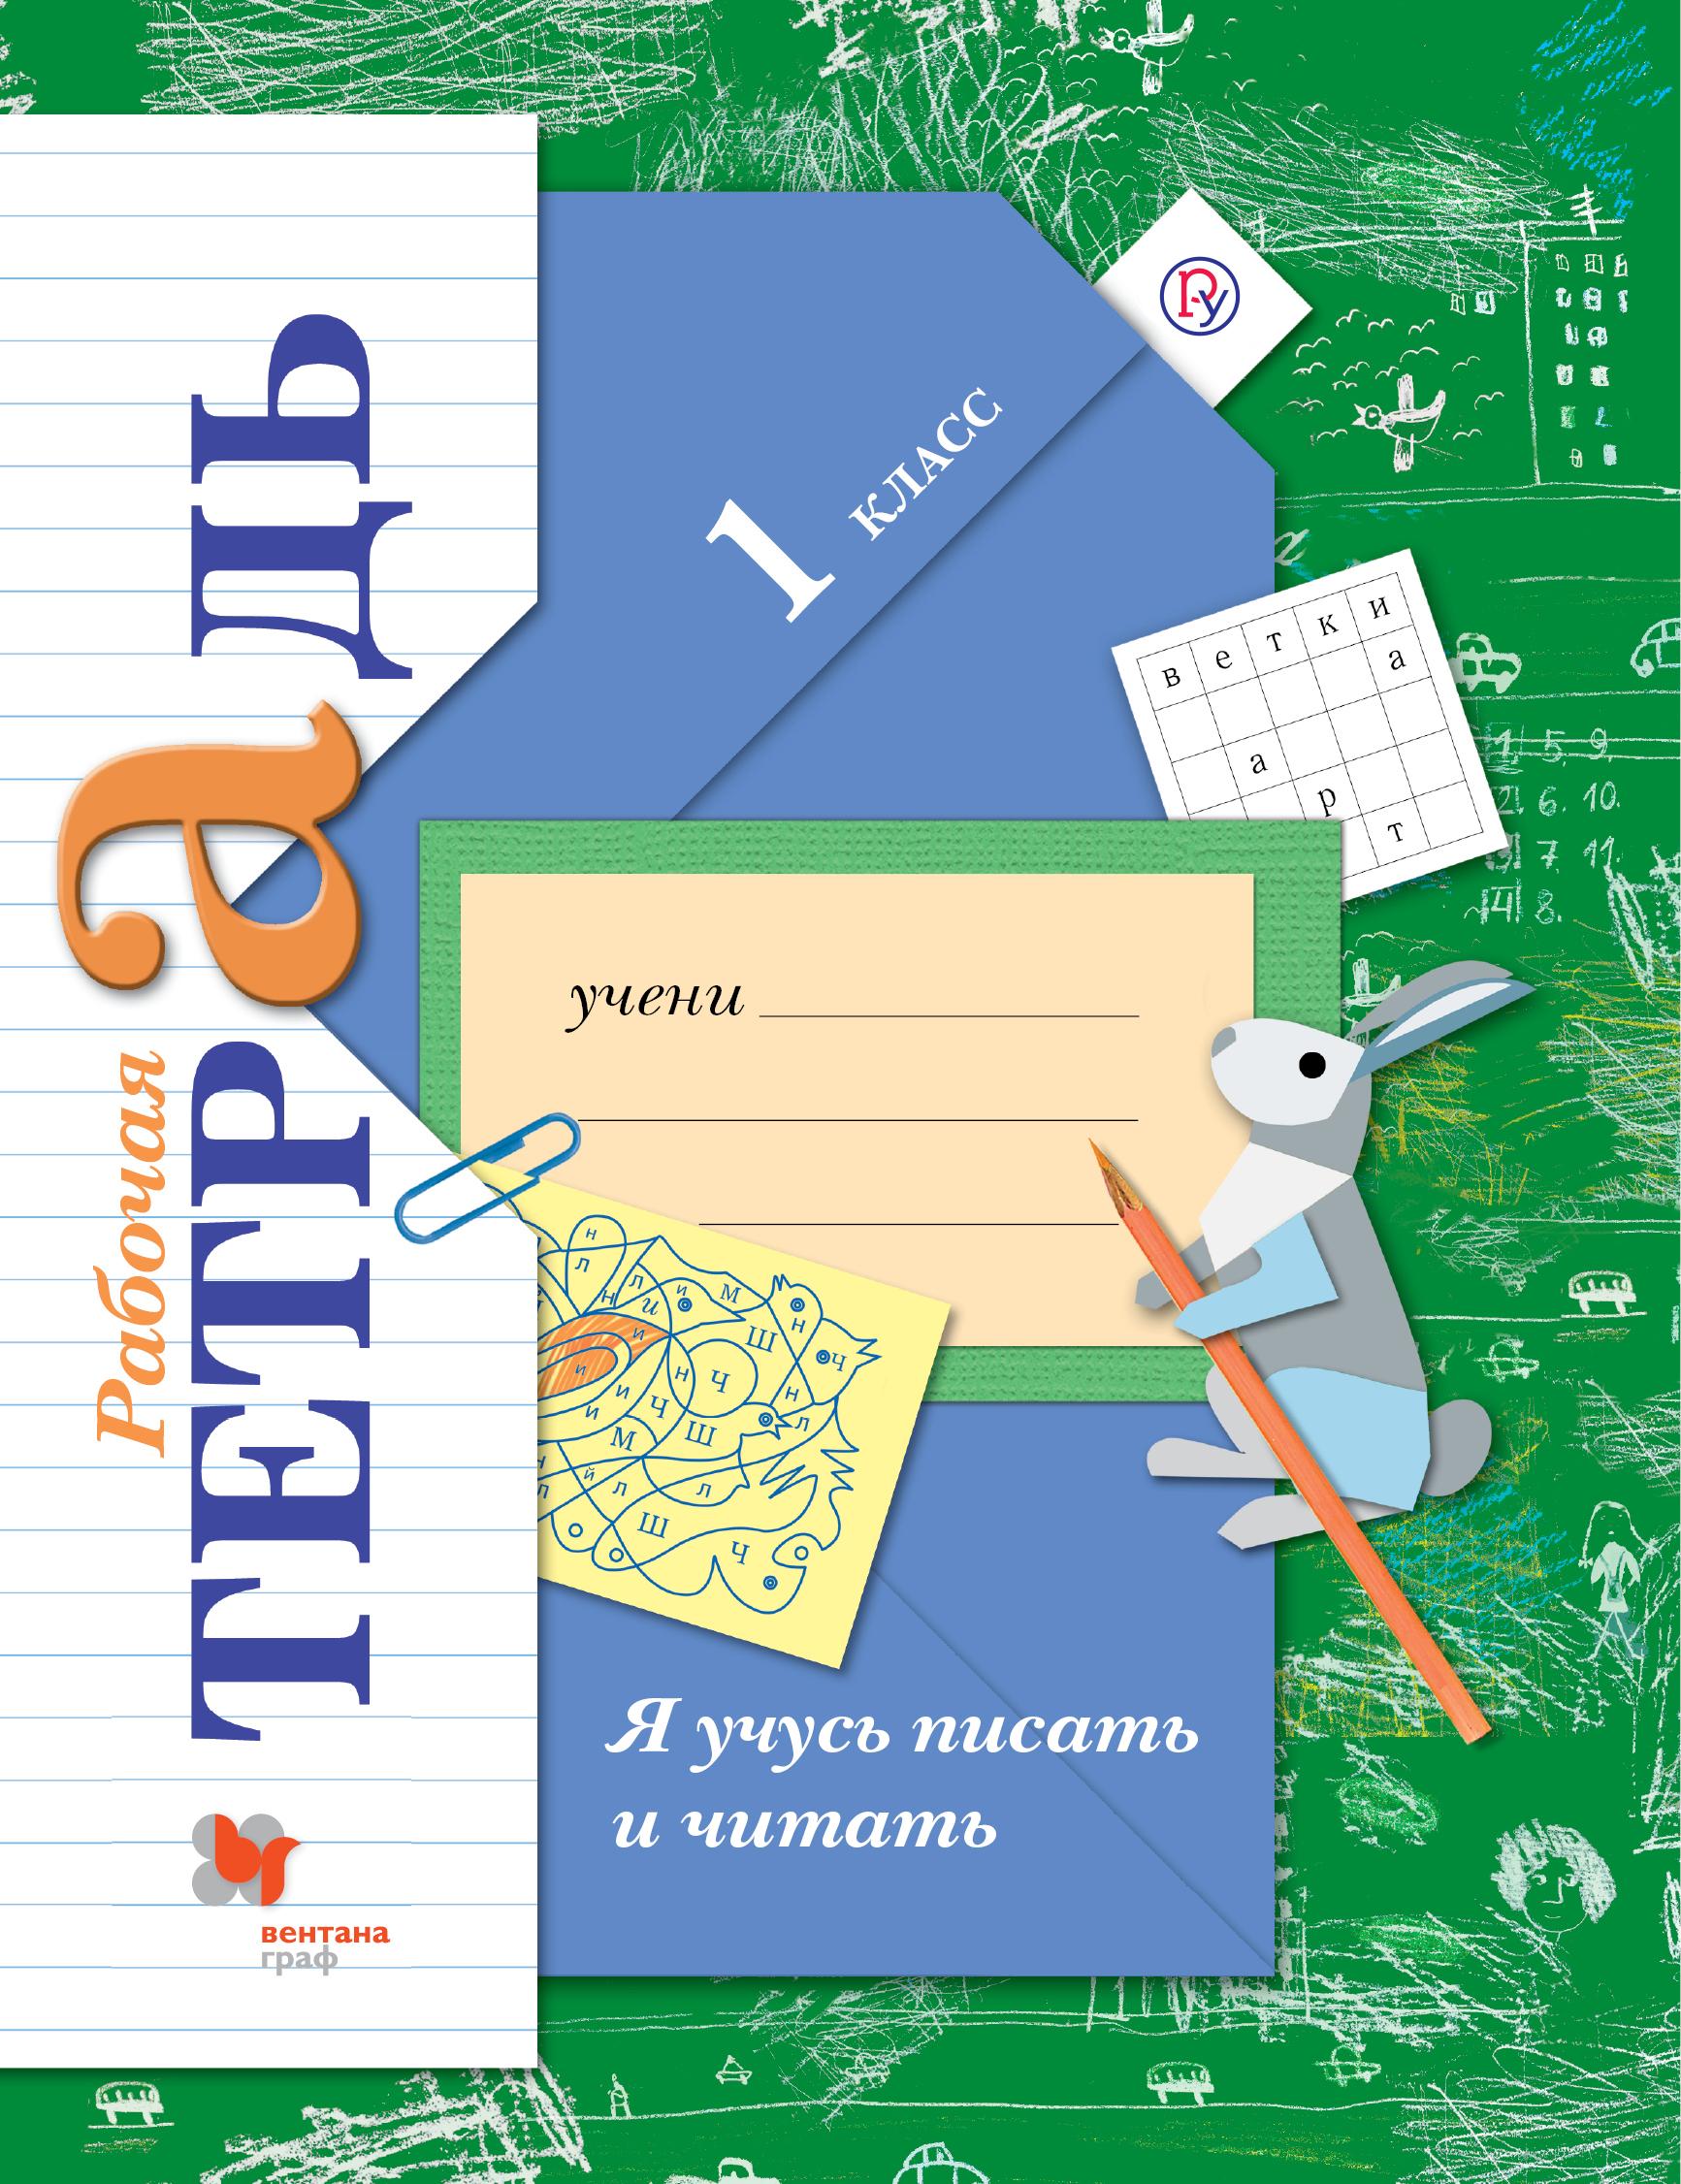 Кузнецова М.И. Я учусь писать и читать. 1класс. Рабочая тетрадь. шамбалева елена я учусь читать